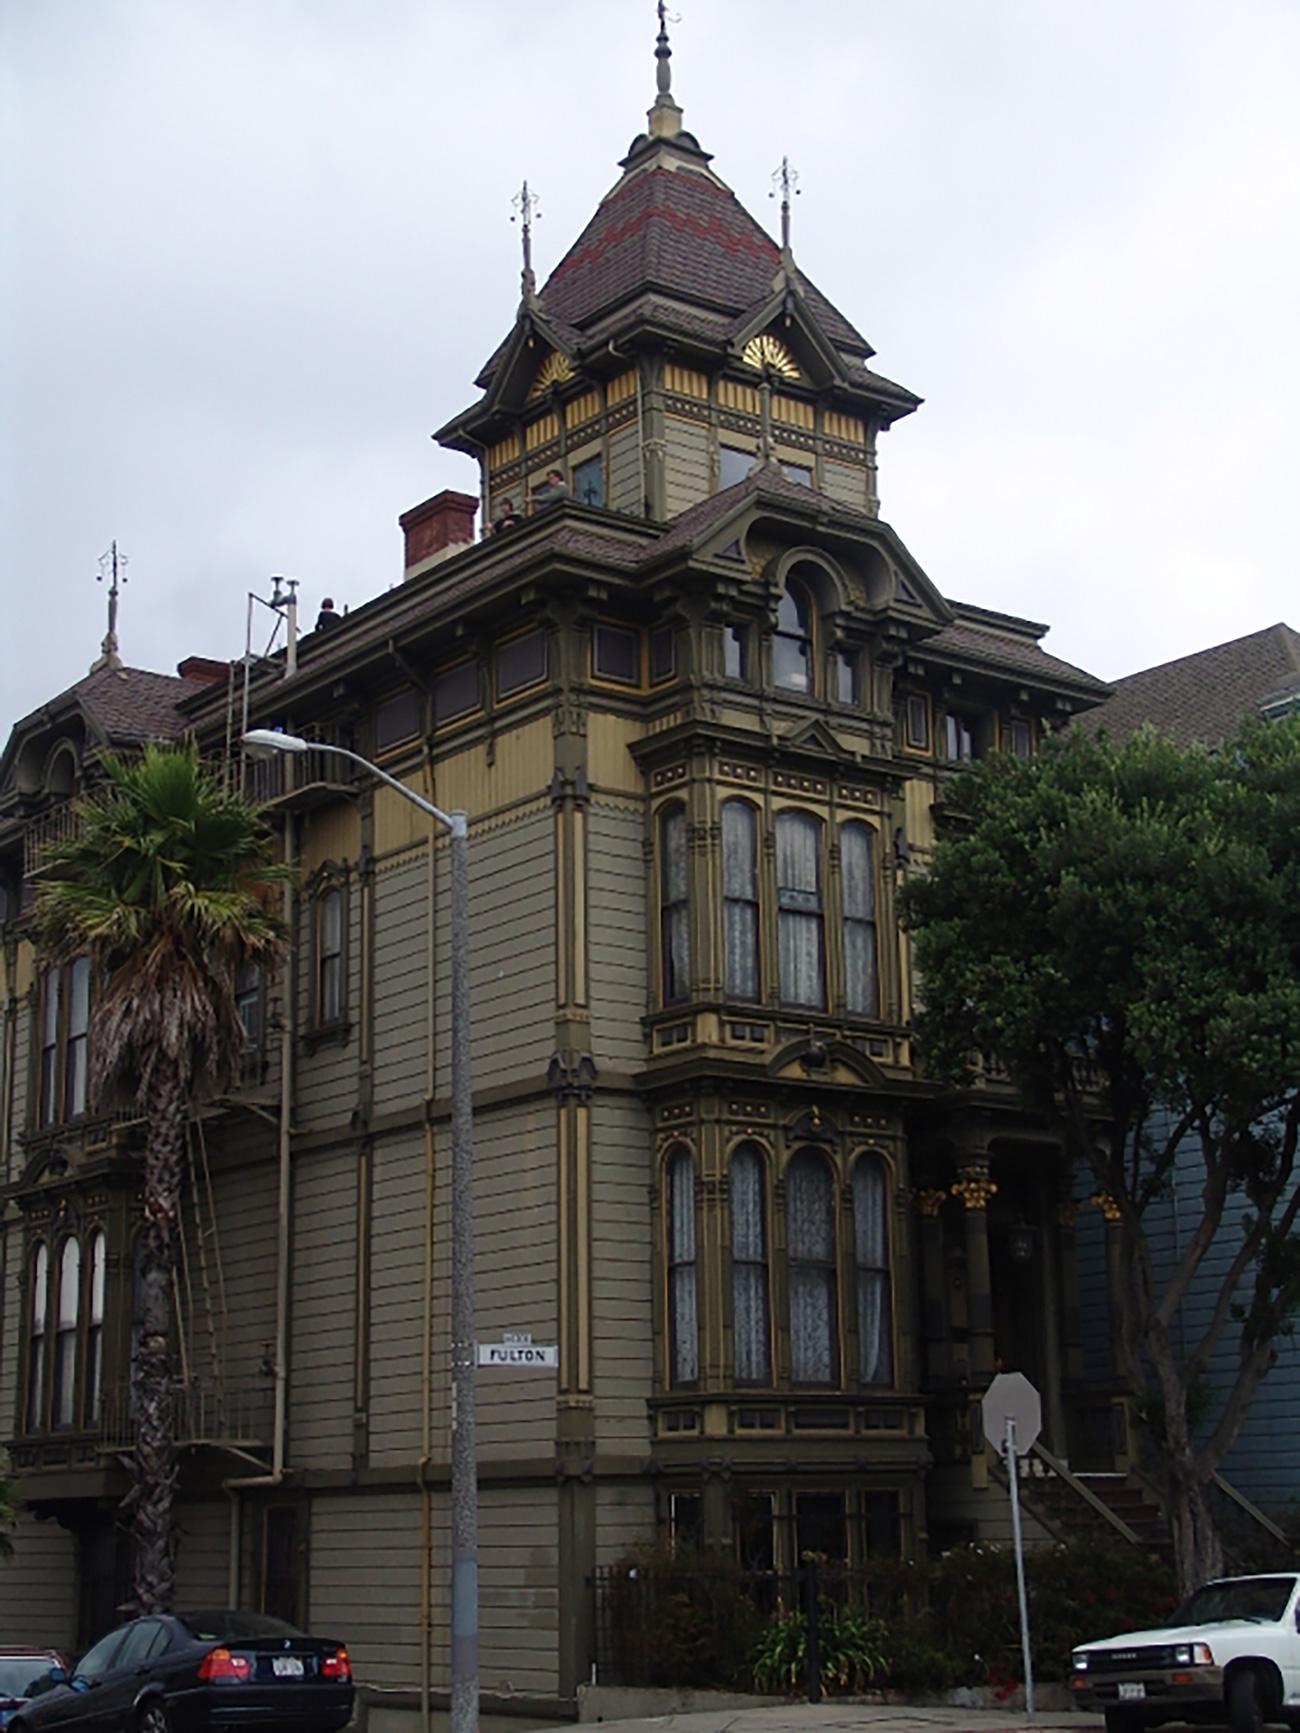 Првобитна зграда конзулата личила је на троспратну палату са малом надоградњом на врху. По дрвеном дизајну се могло видети да је руског порекла. Извор: kdmid.ru